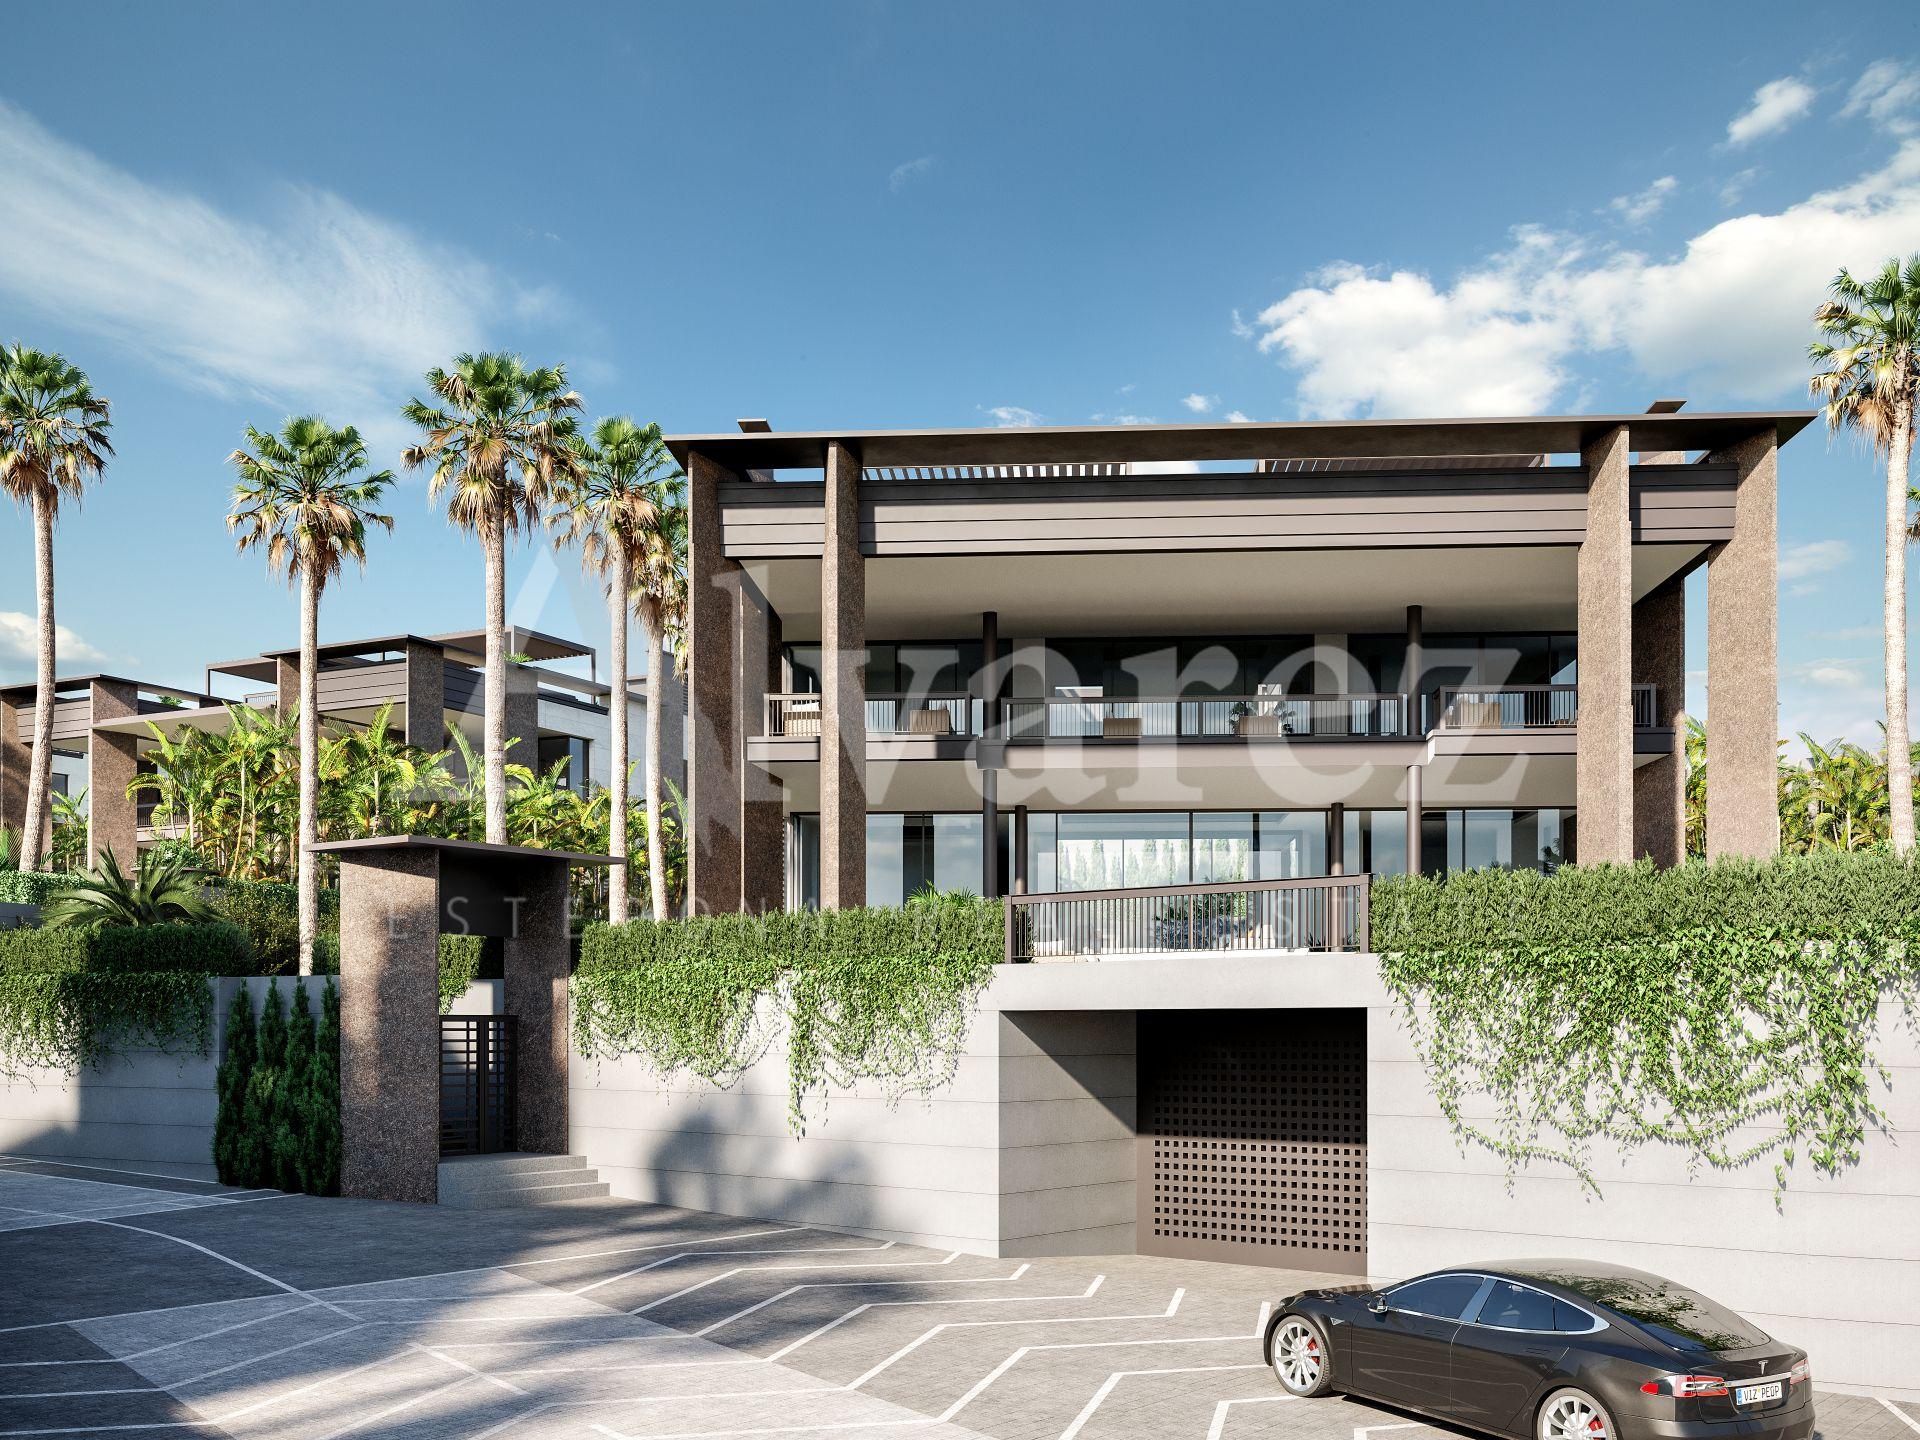 Development in Atalaya de Rio Verde, Marbella